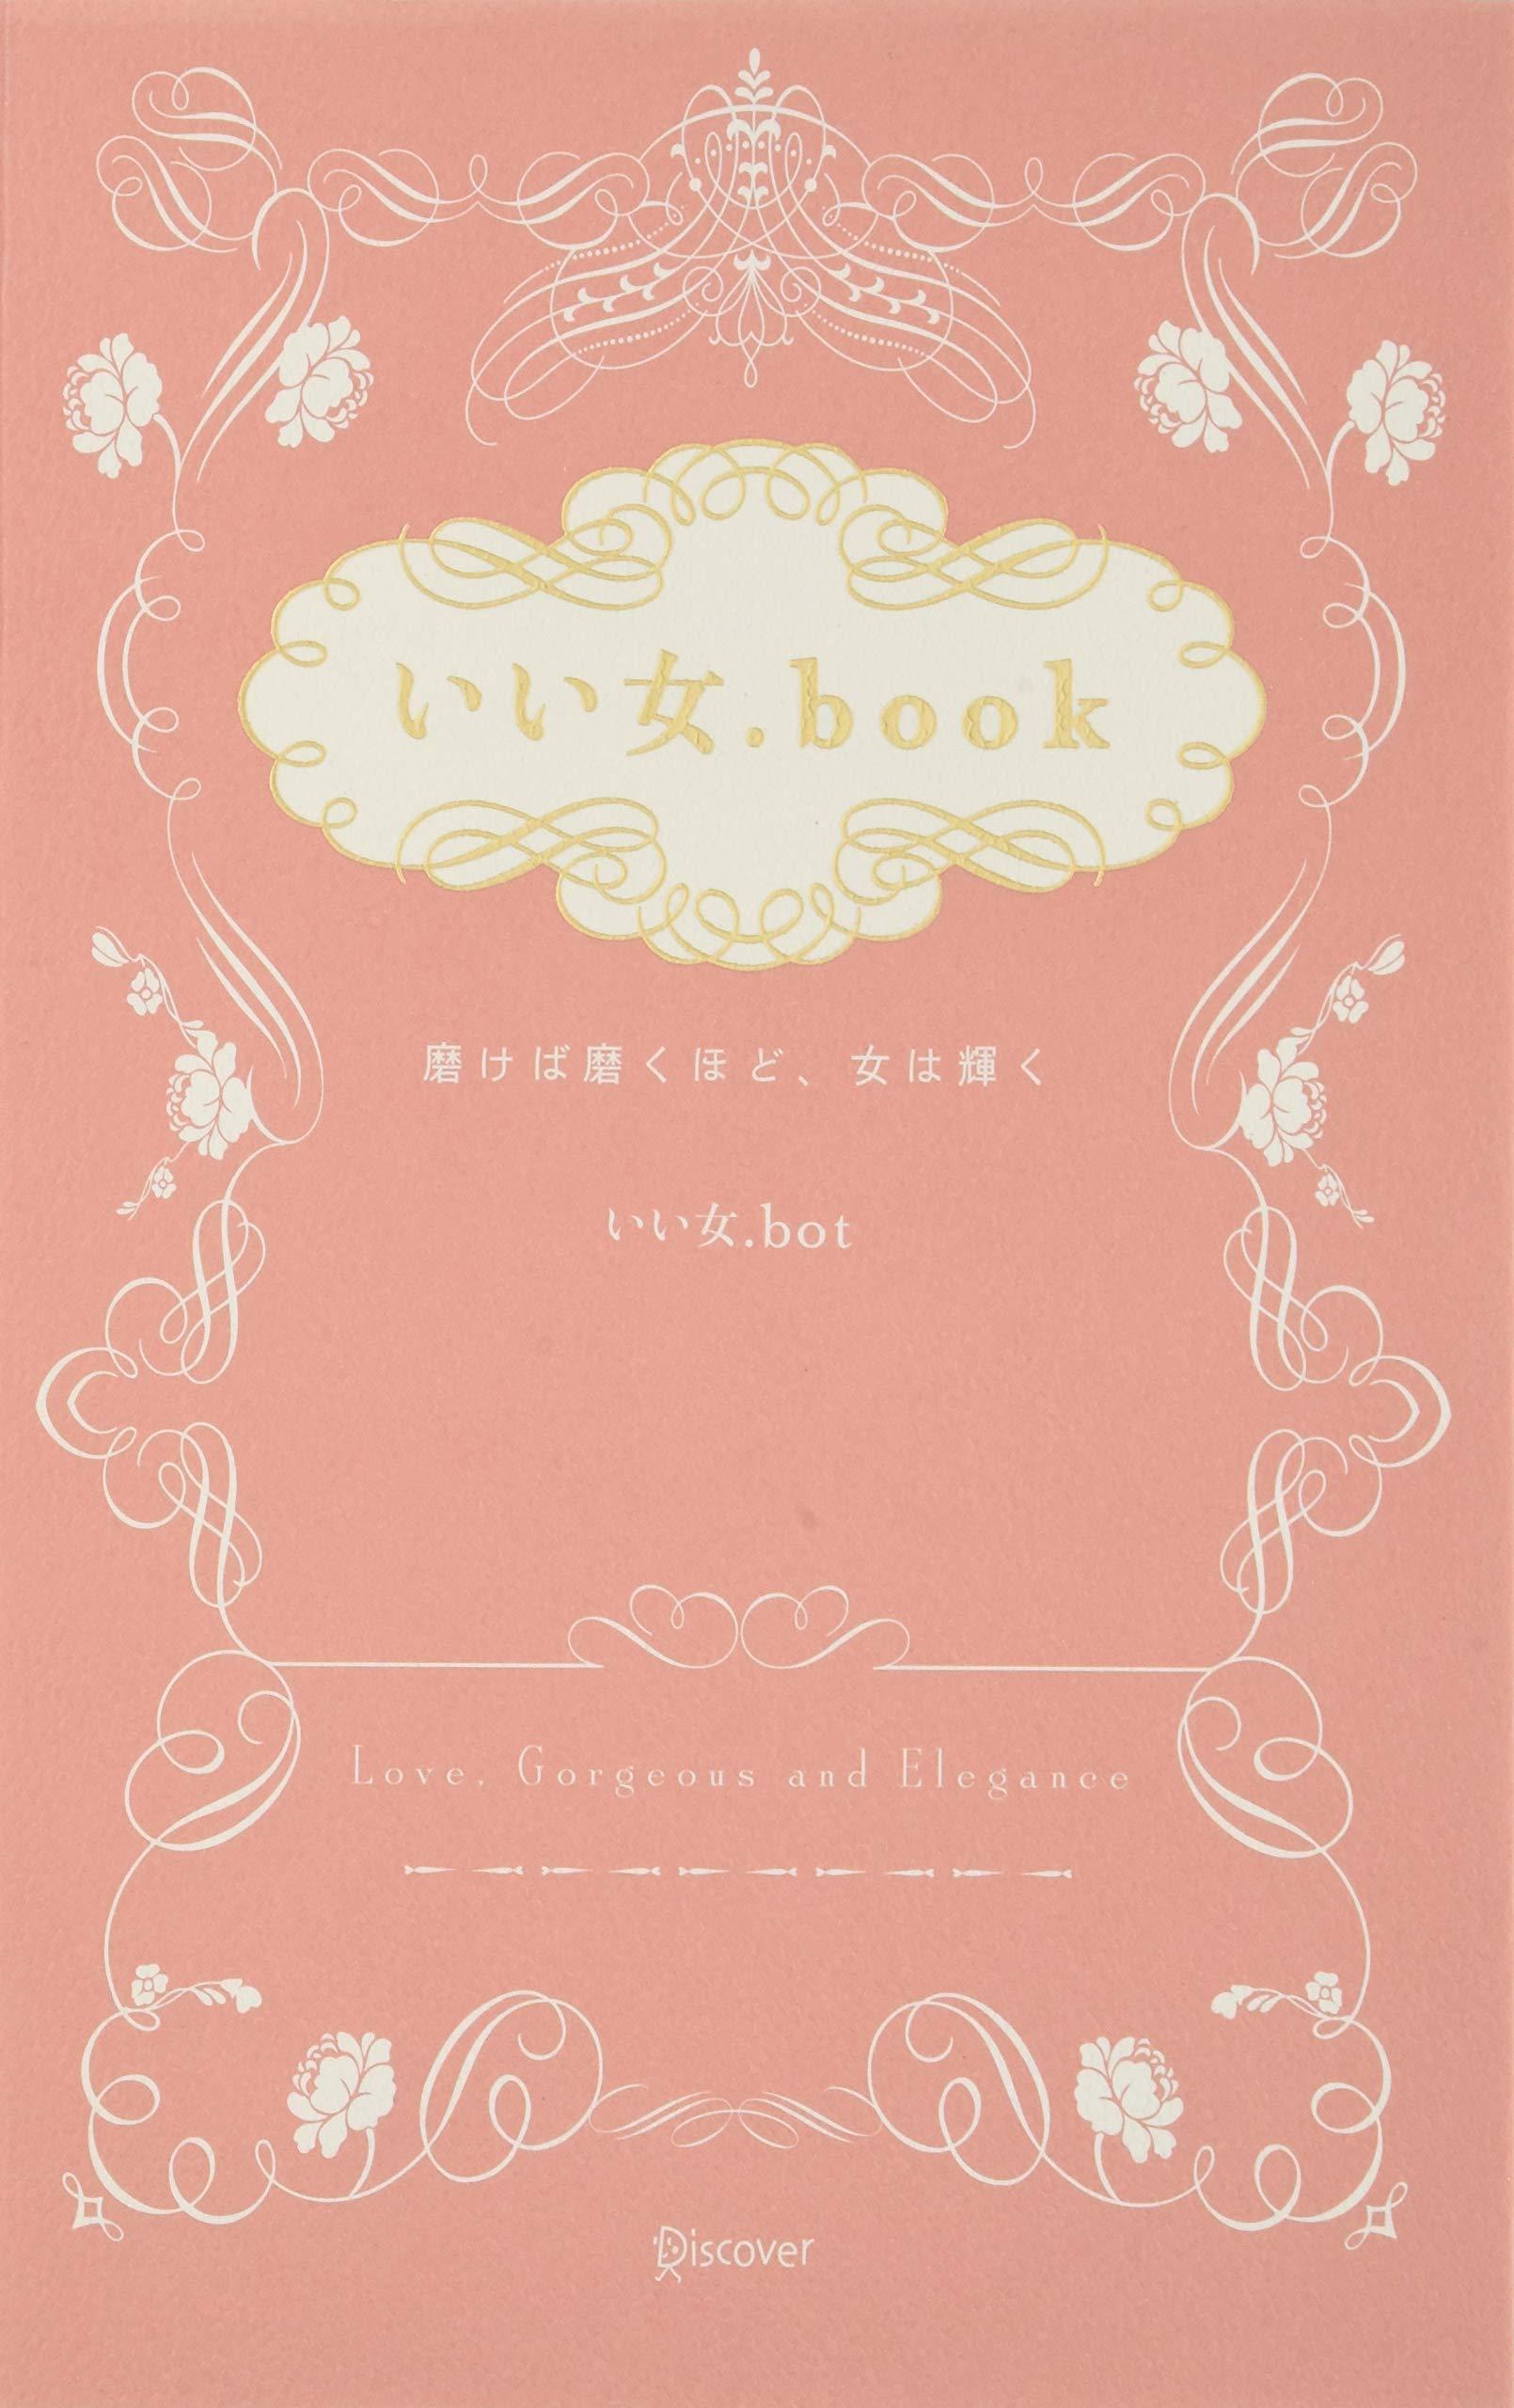 いい女.book 磨けば磨くほど、女は輝く | いい女.bot |本 | 通販 | Amazon